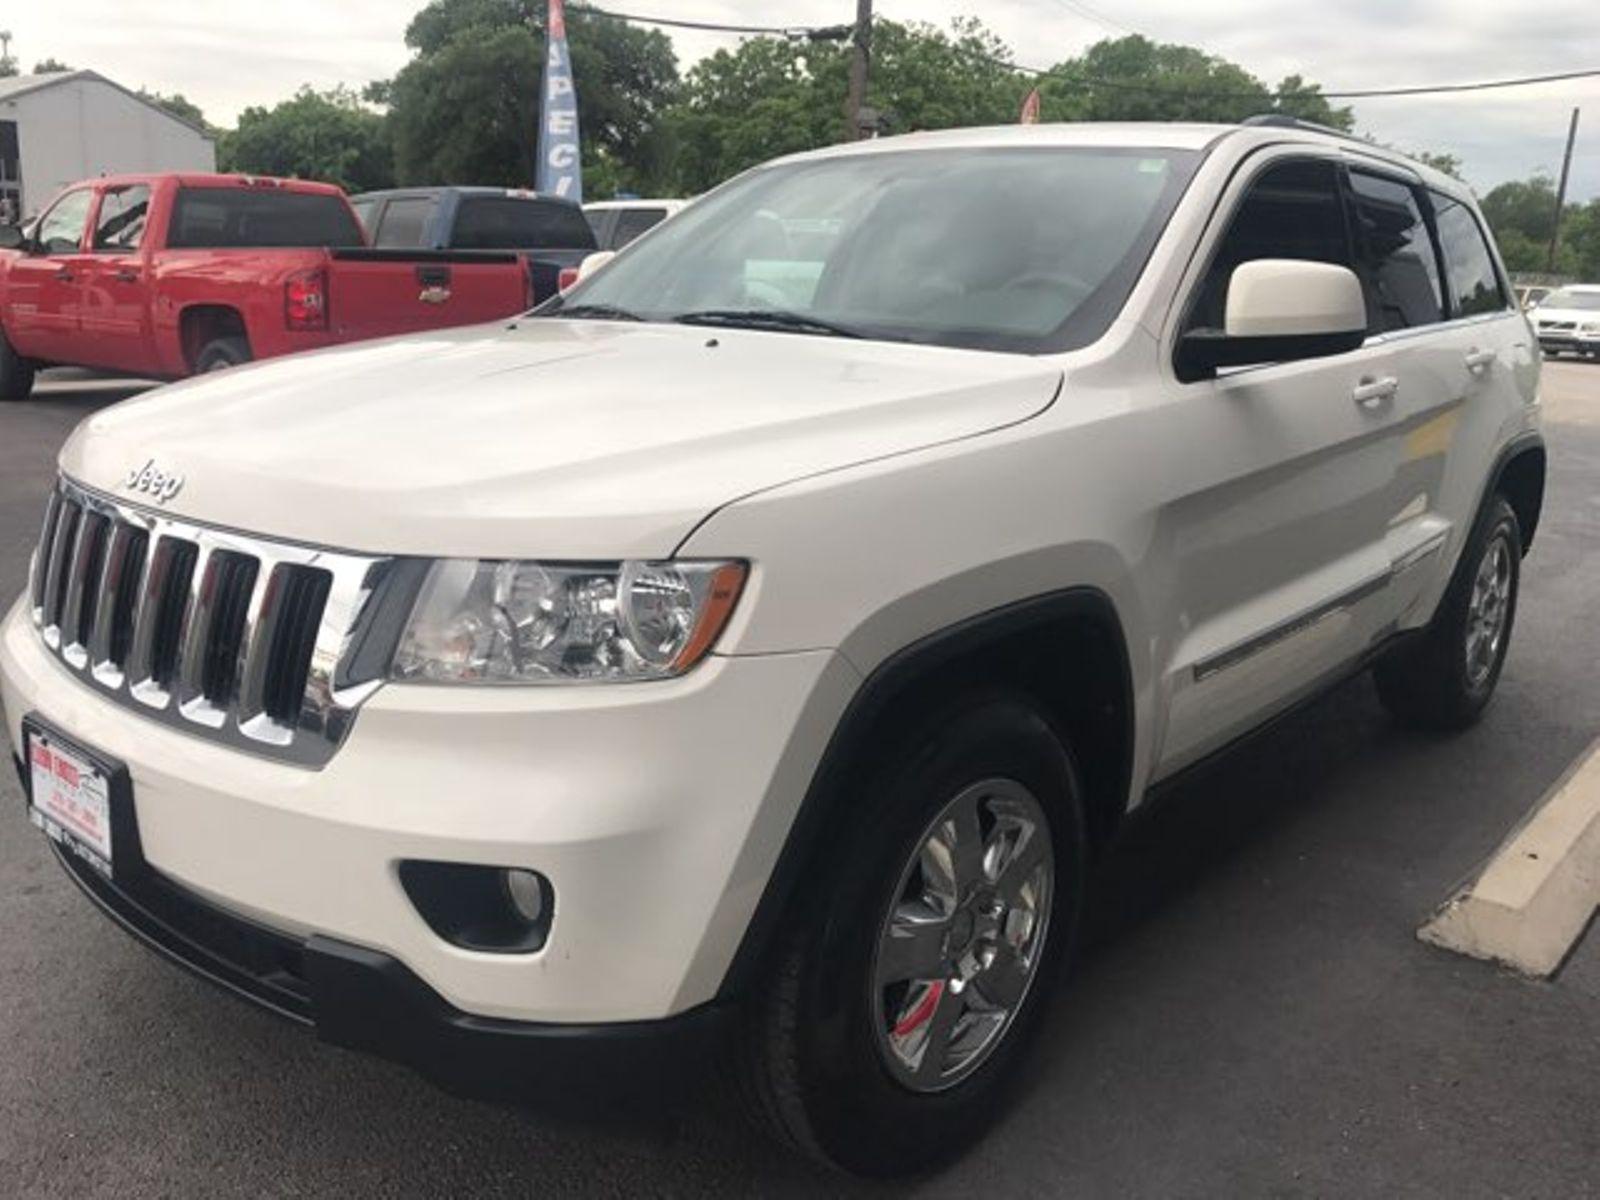 laredo in grand inventory new cherokee sid suv jeep crete